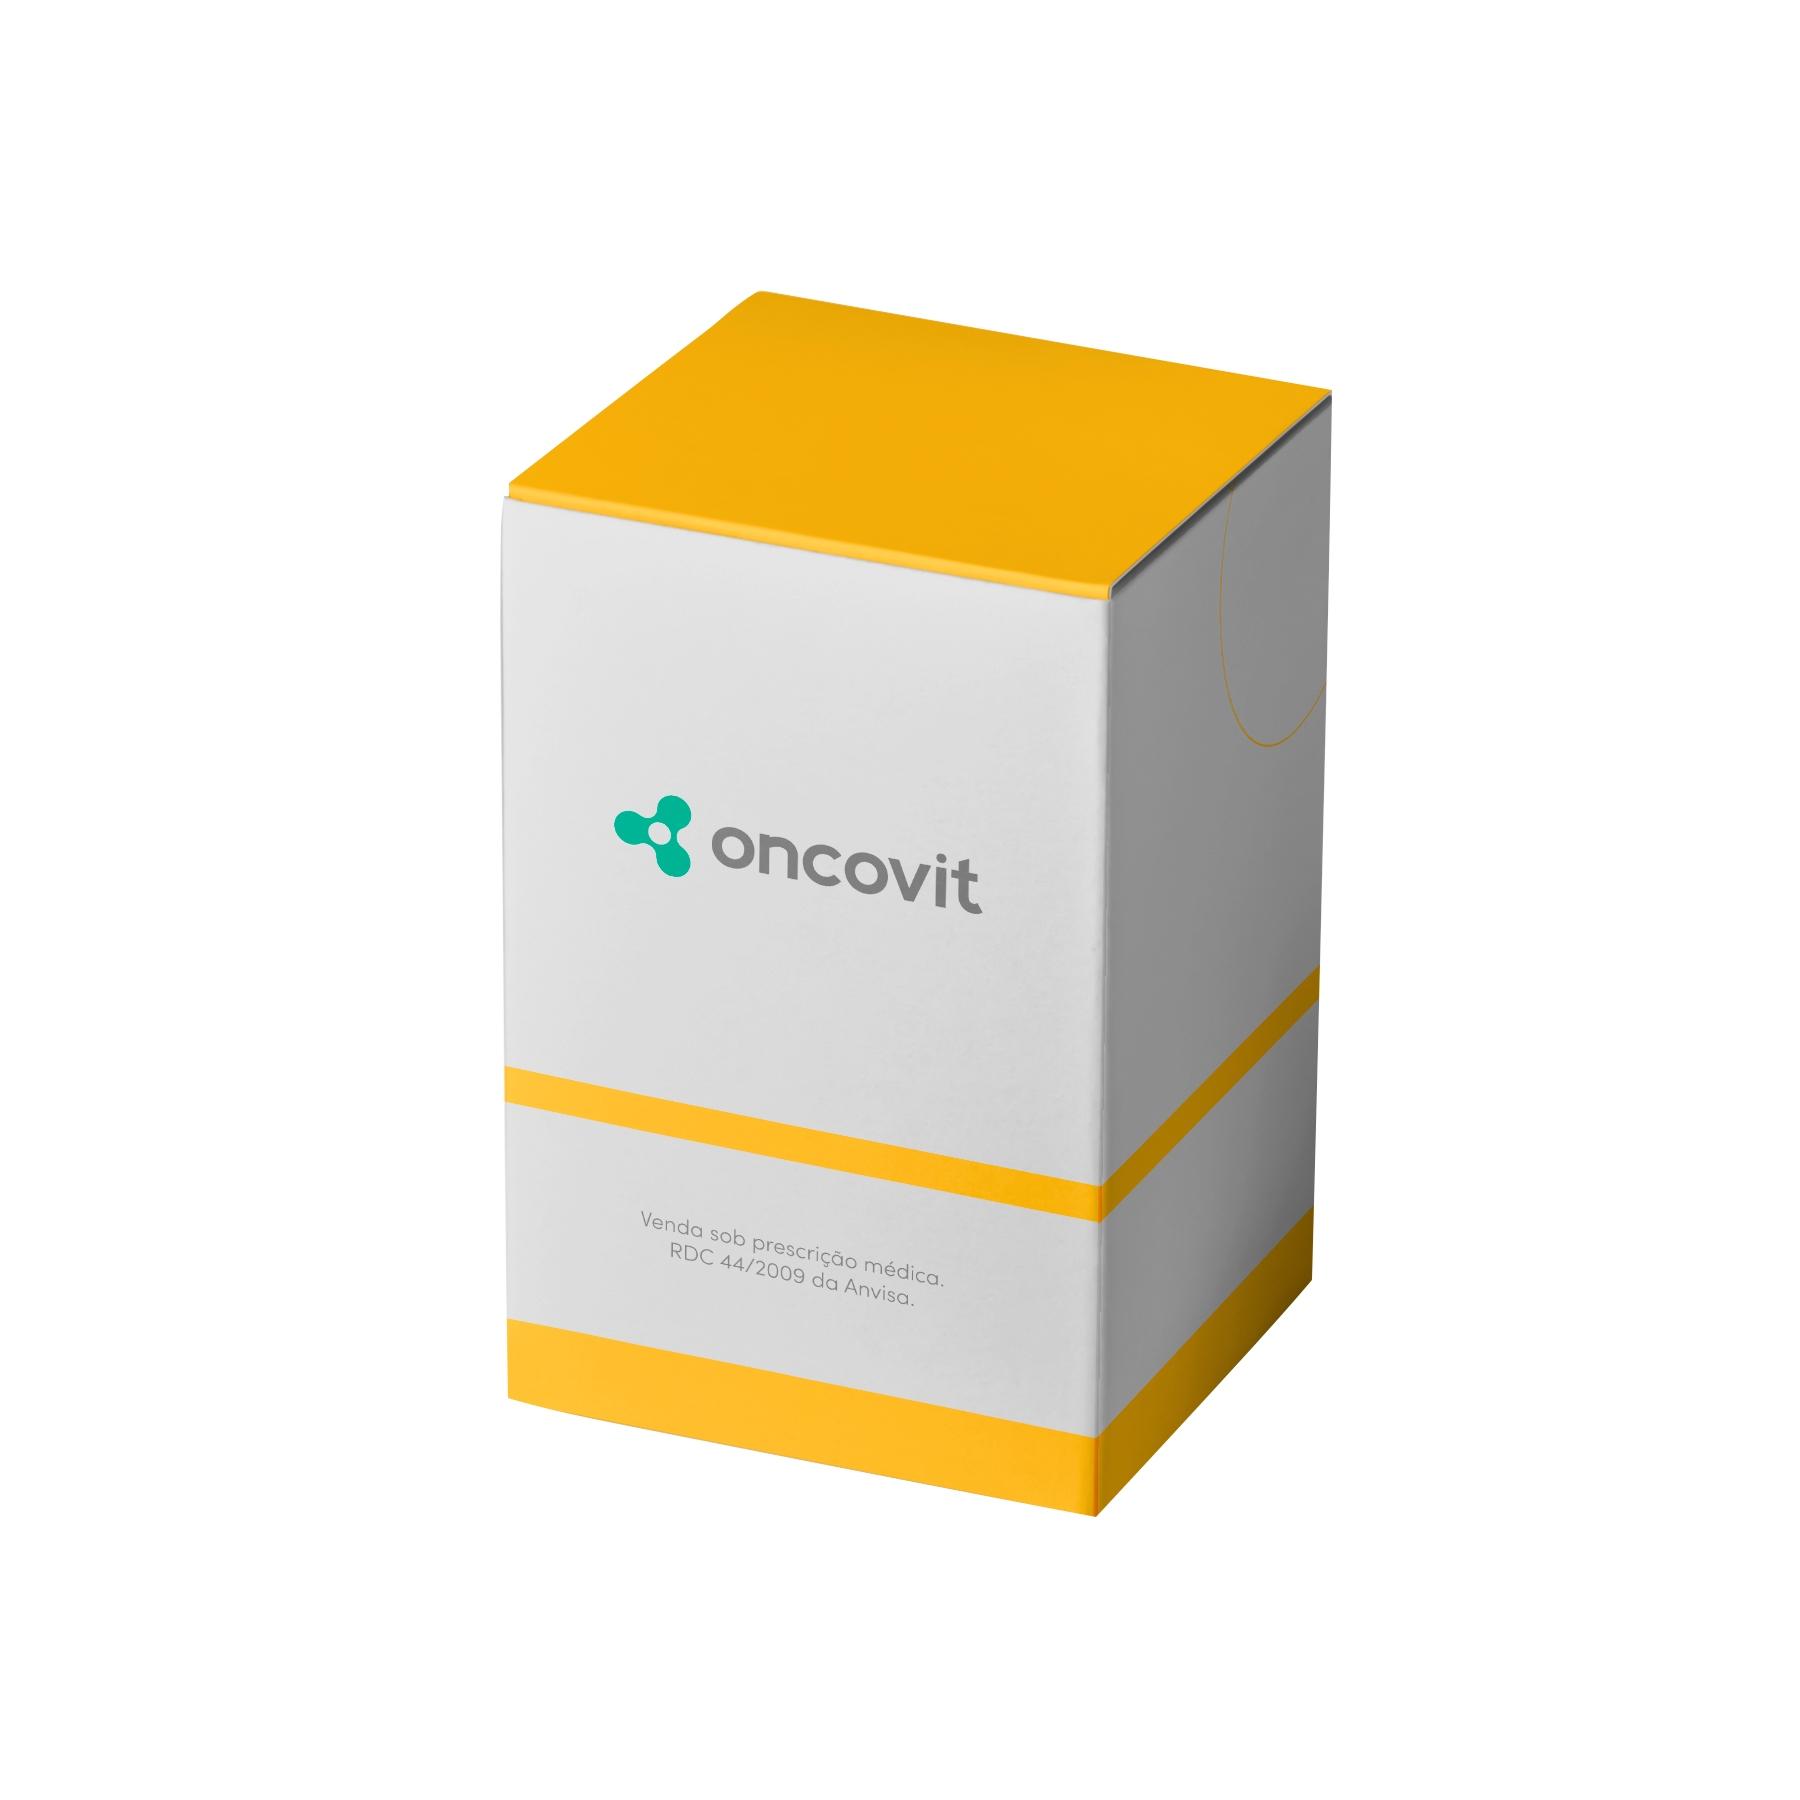 Coama 500mg caixa com 120 comprimidos revestidos